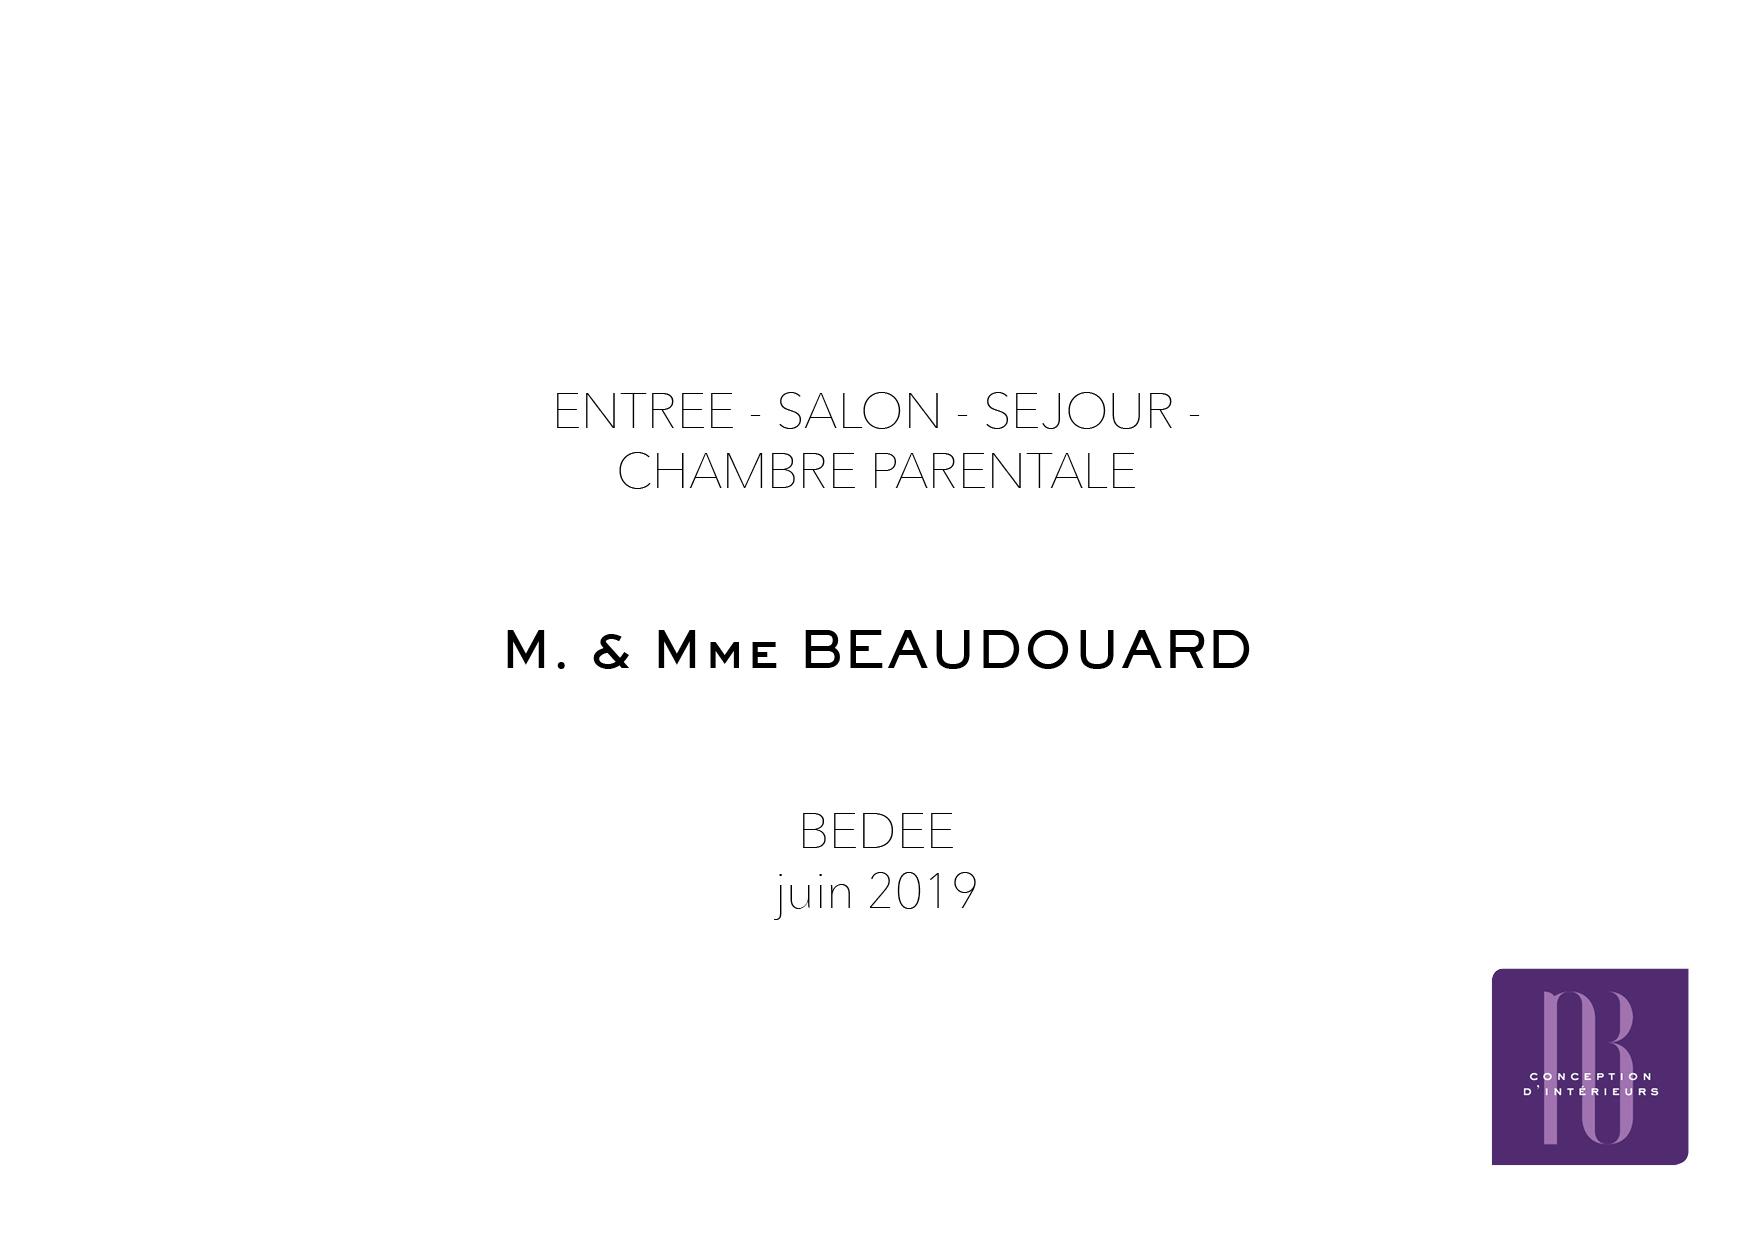 Nathalie Bossard décoration architecture intérieur Rennes 35 UFDI-390 Book déco maison en construction Bédée Ille et vilaine